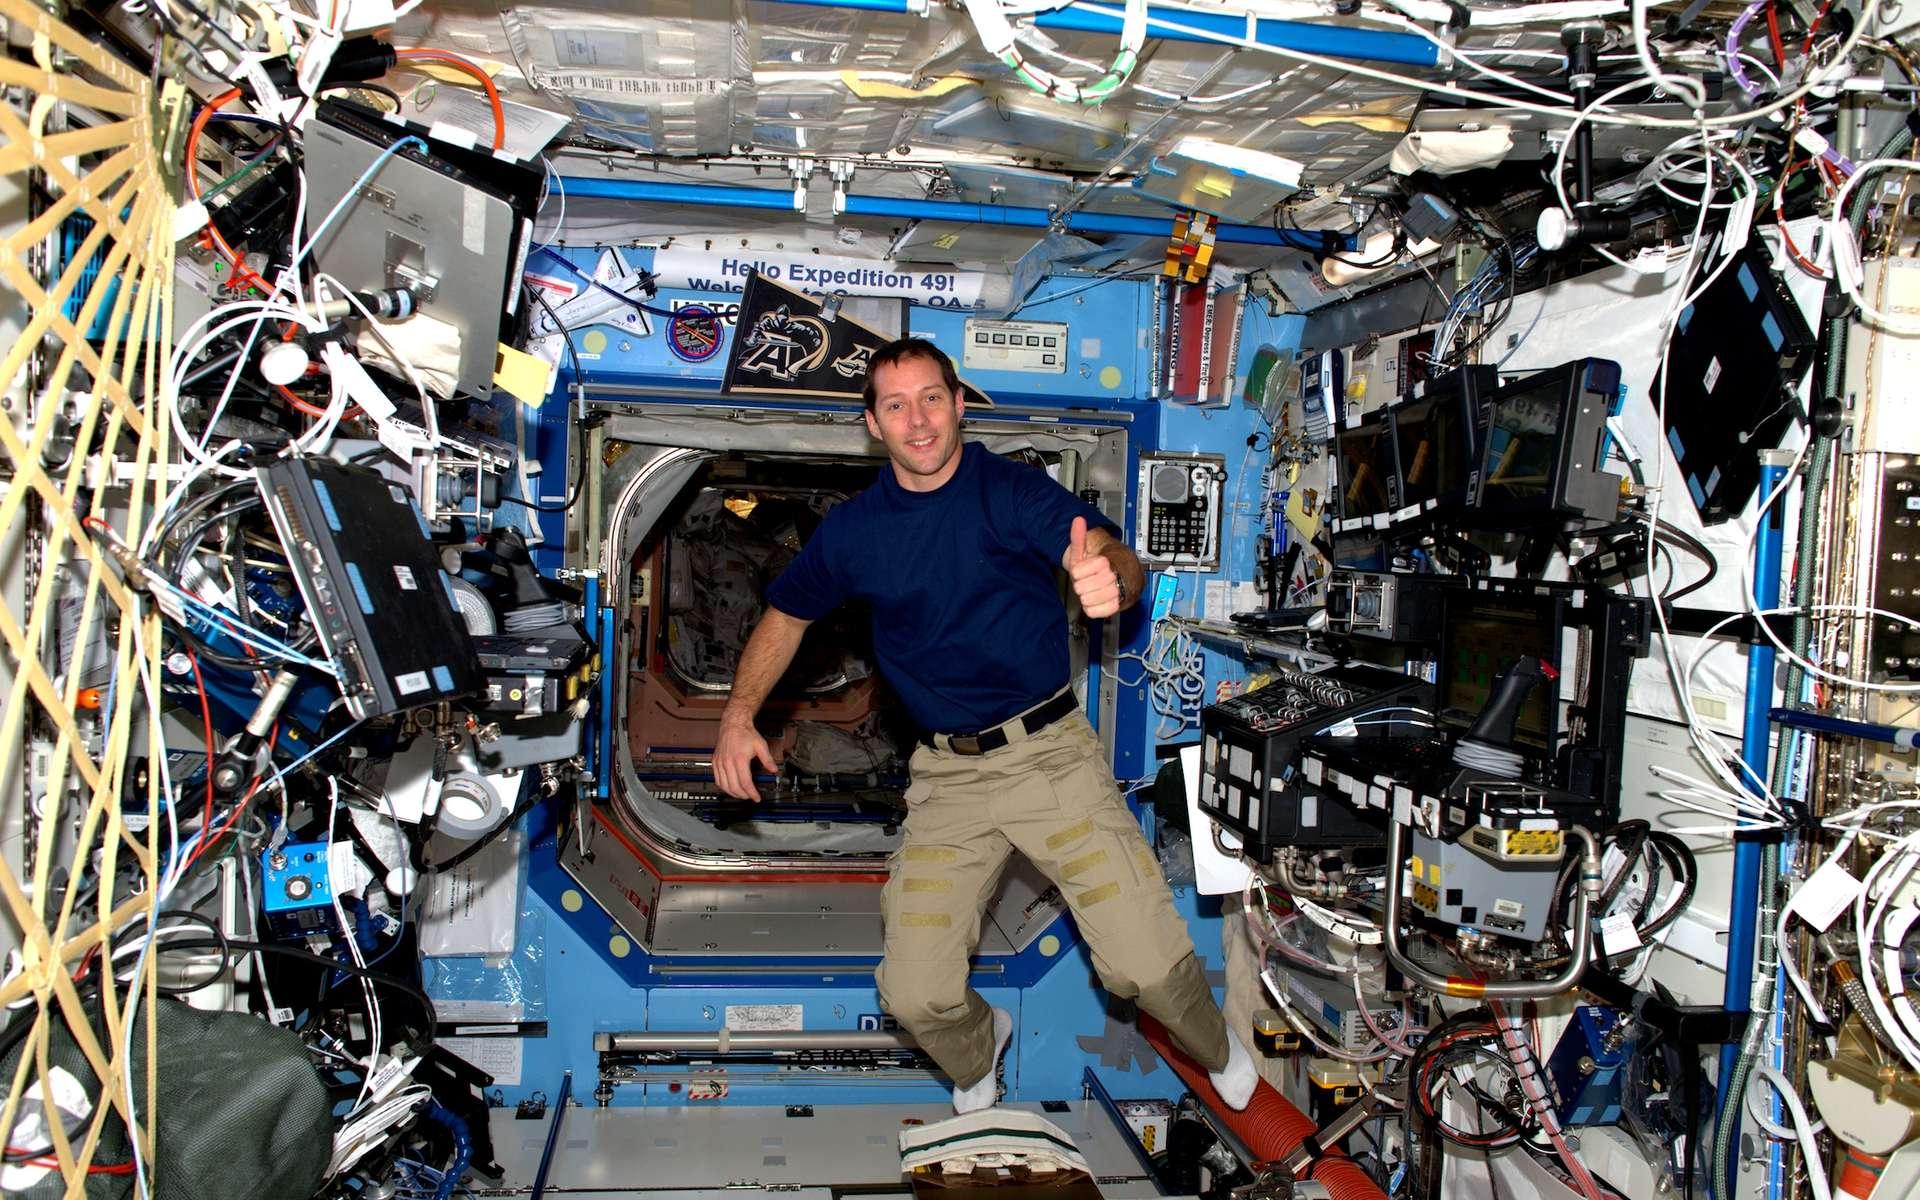 Thomas Pesquet à bord de la Station spatiale internationale. © Cnes